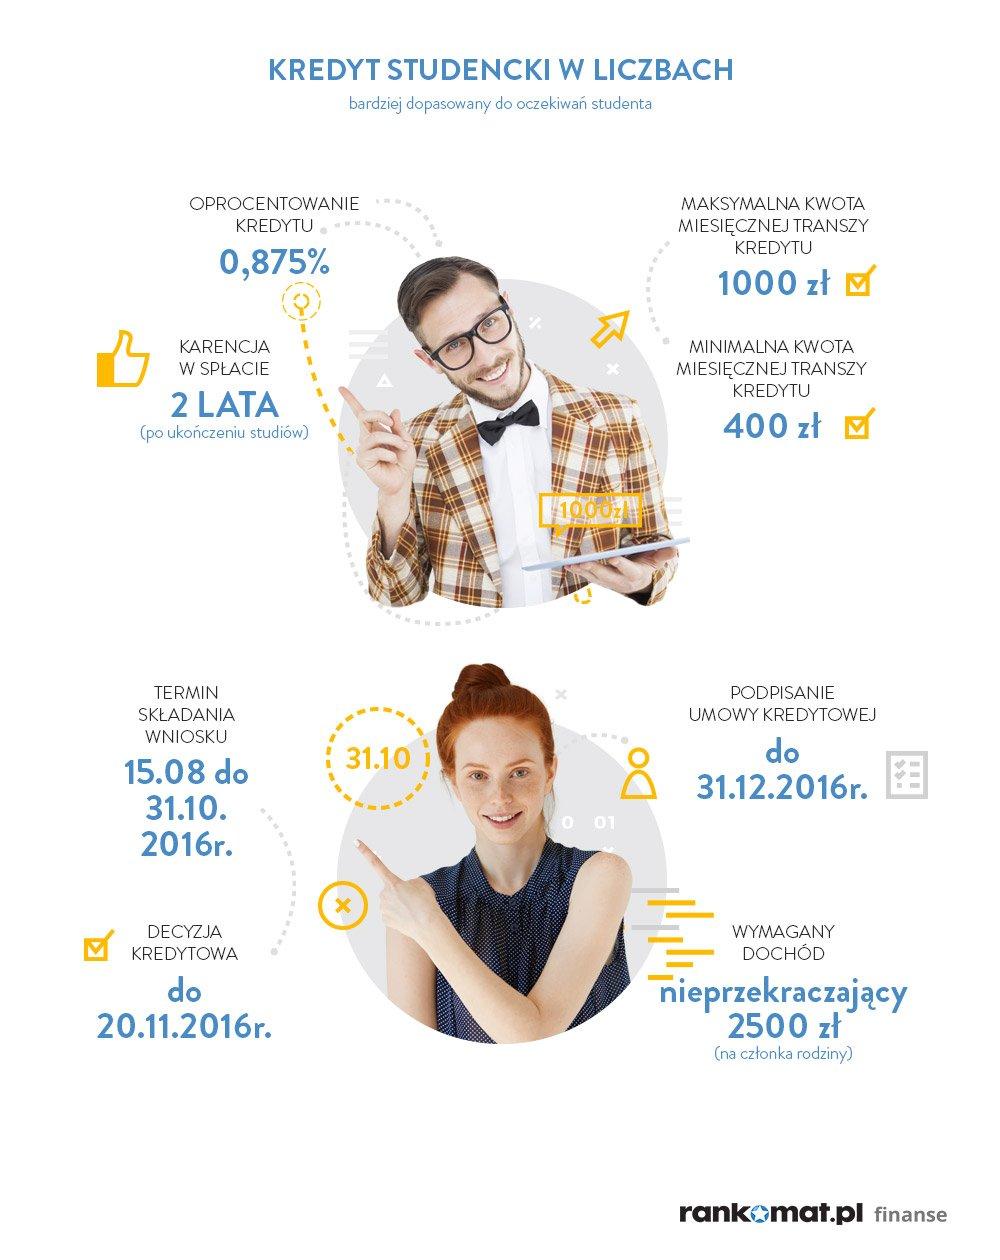 Dwoje studentów, mężczyzna i kobieta, prezentuje główne parametry kredytu studenckiego